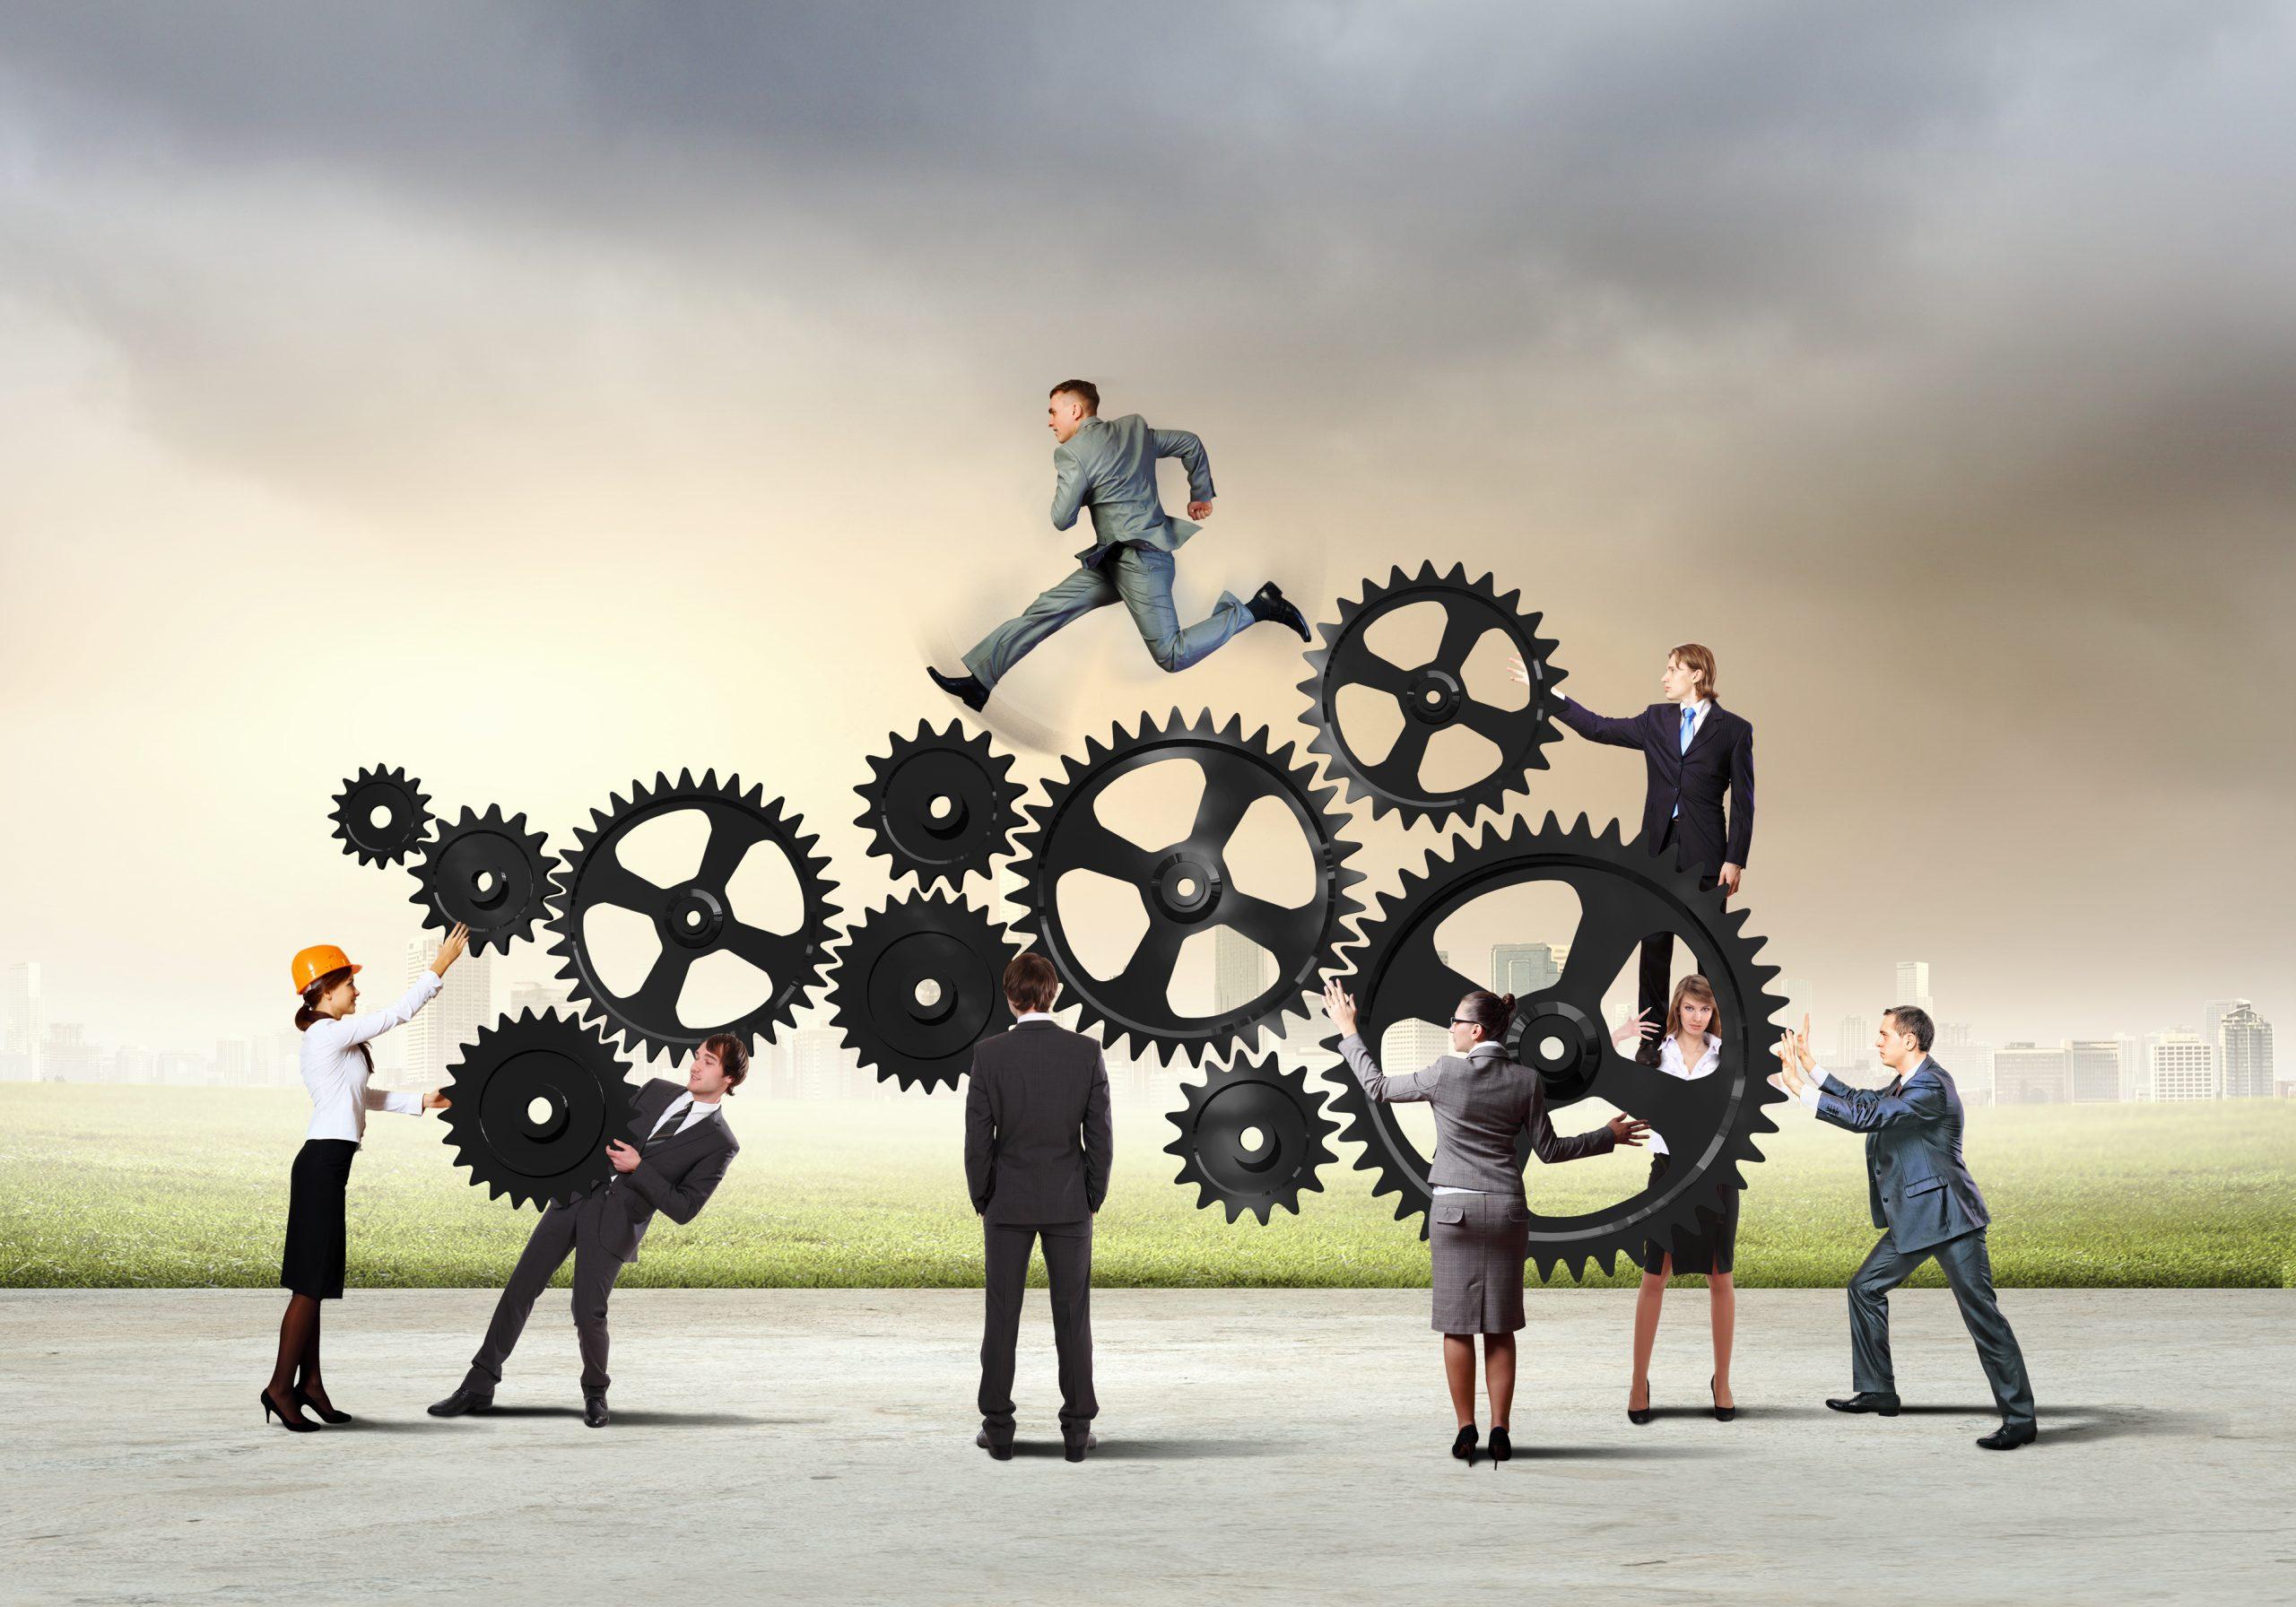 Dalle aziende capo-filiera alle società pivot: ecco come la supply chain può diventare digitale